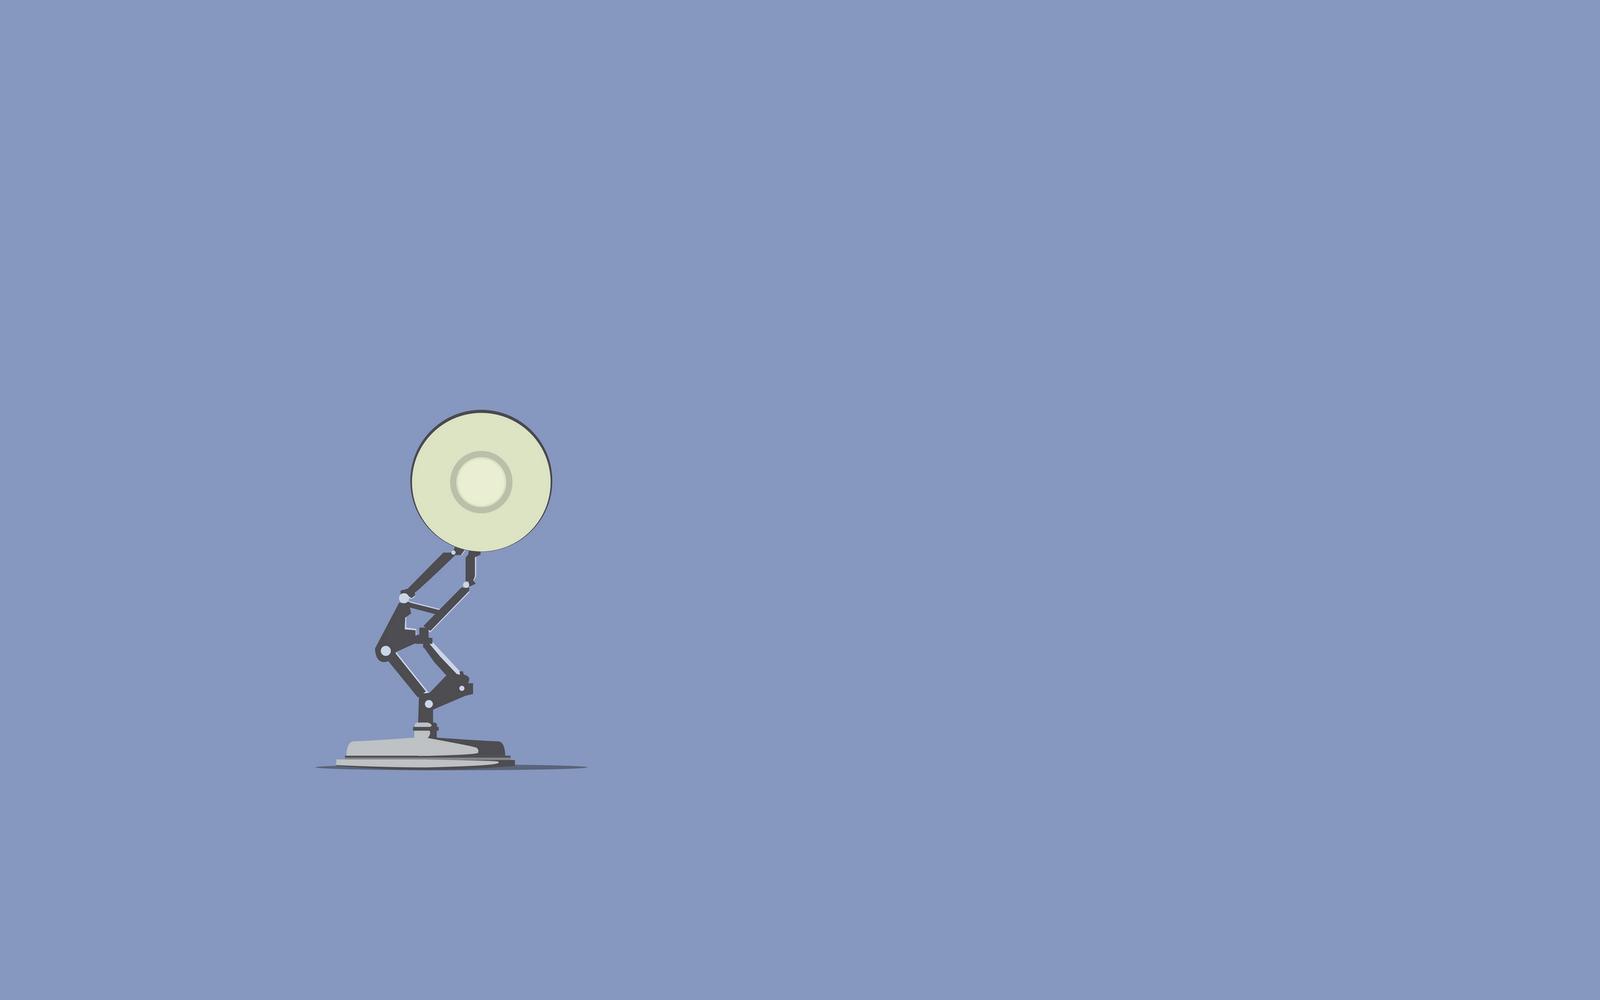 download pixar lamp wallpaper - photo #9